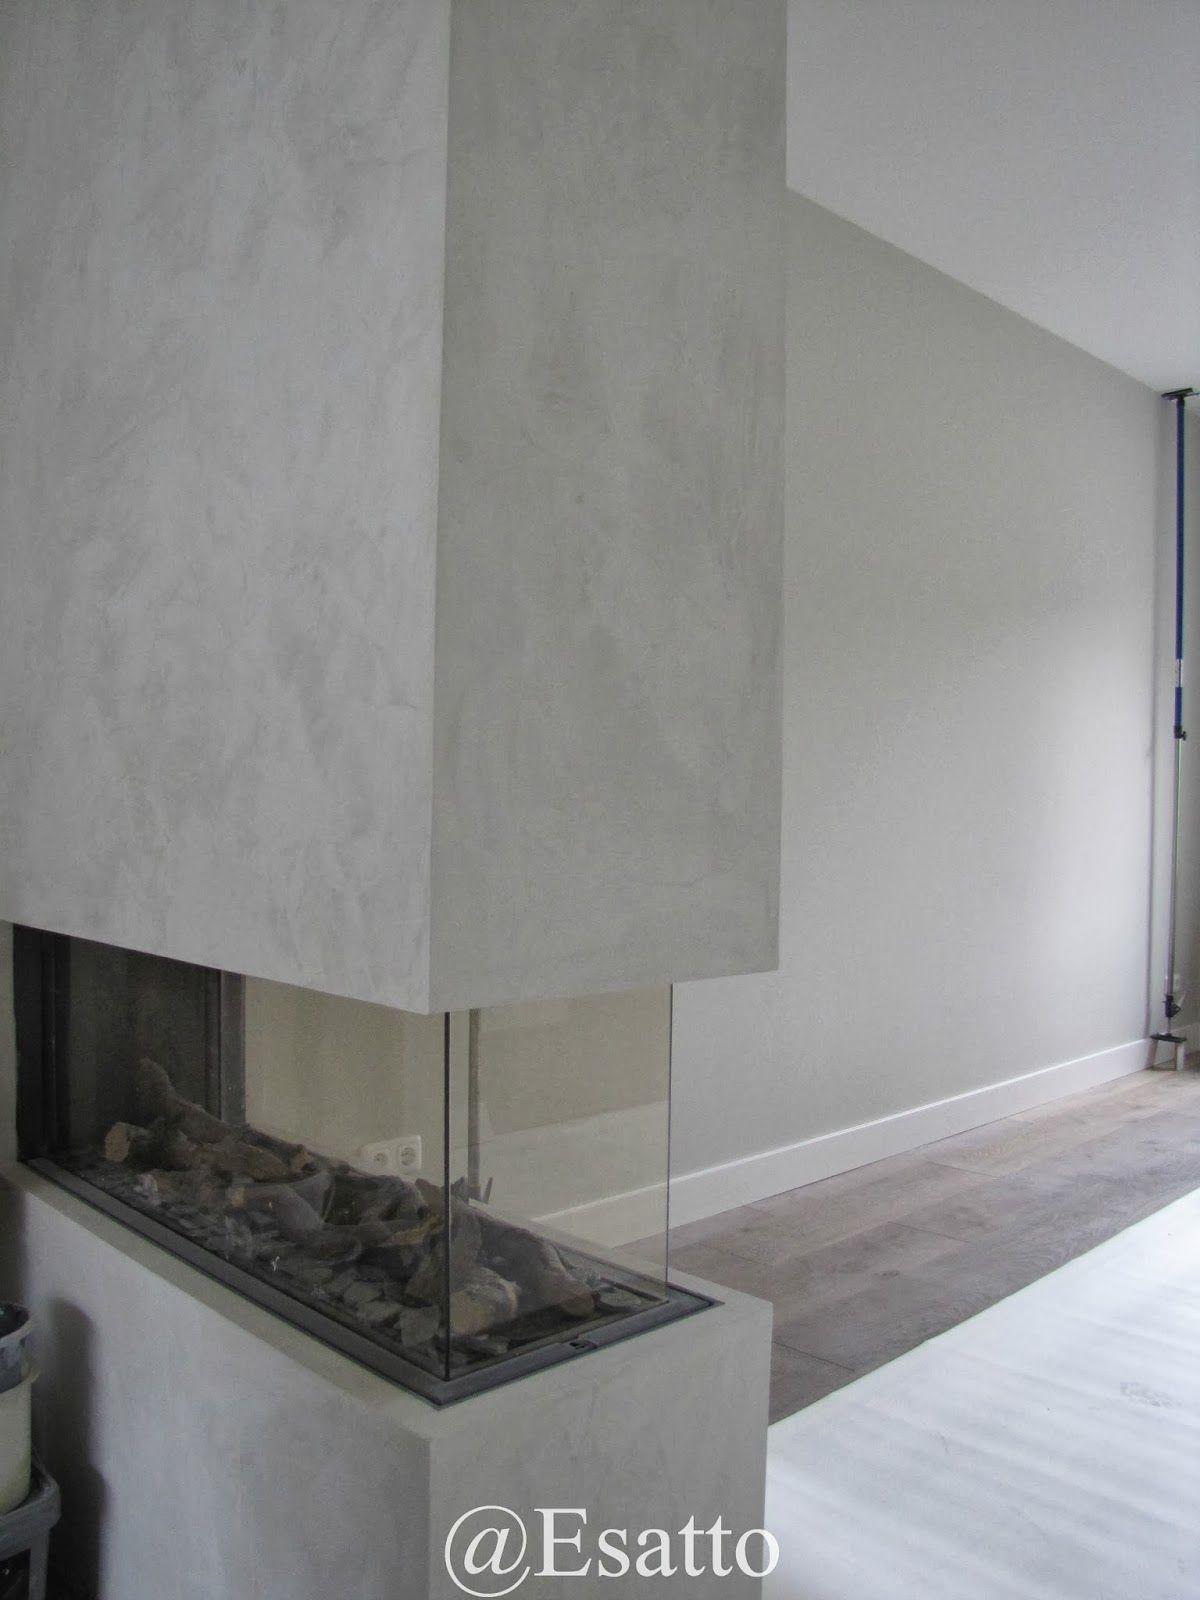 betonlook verf - Google zoeken | Prive - Home Decor, House ...